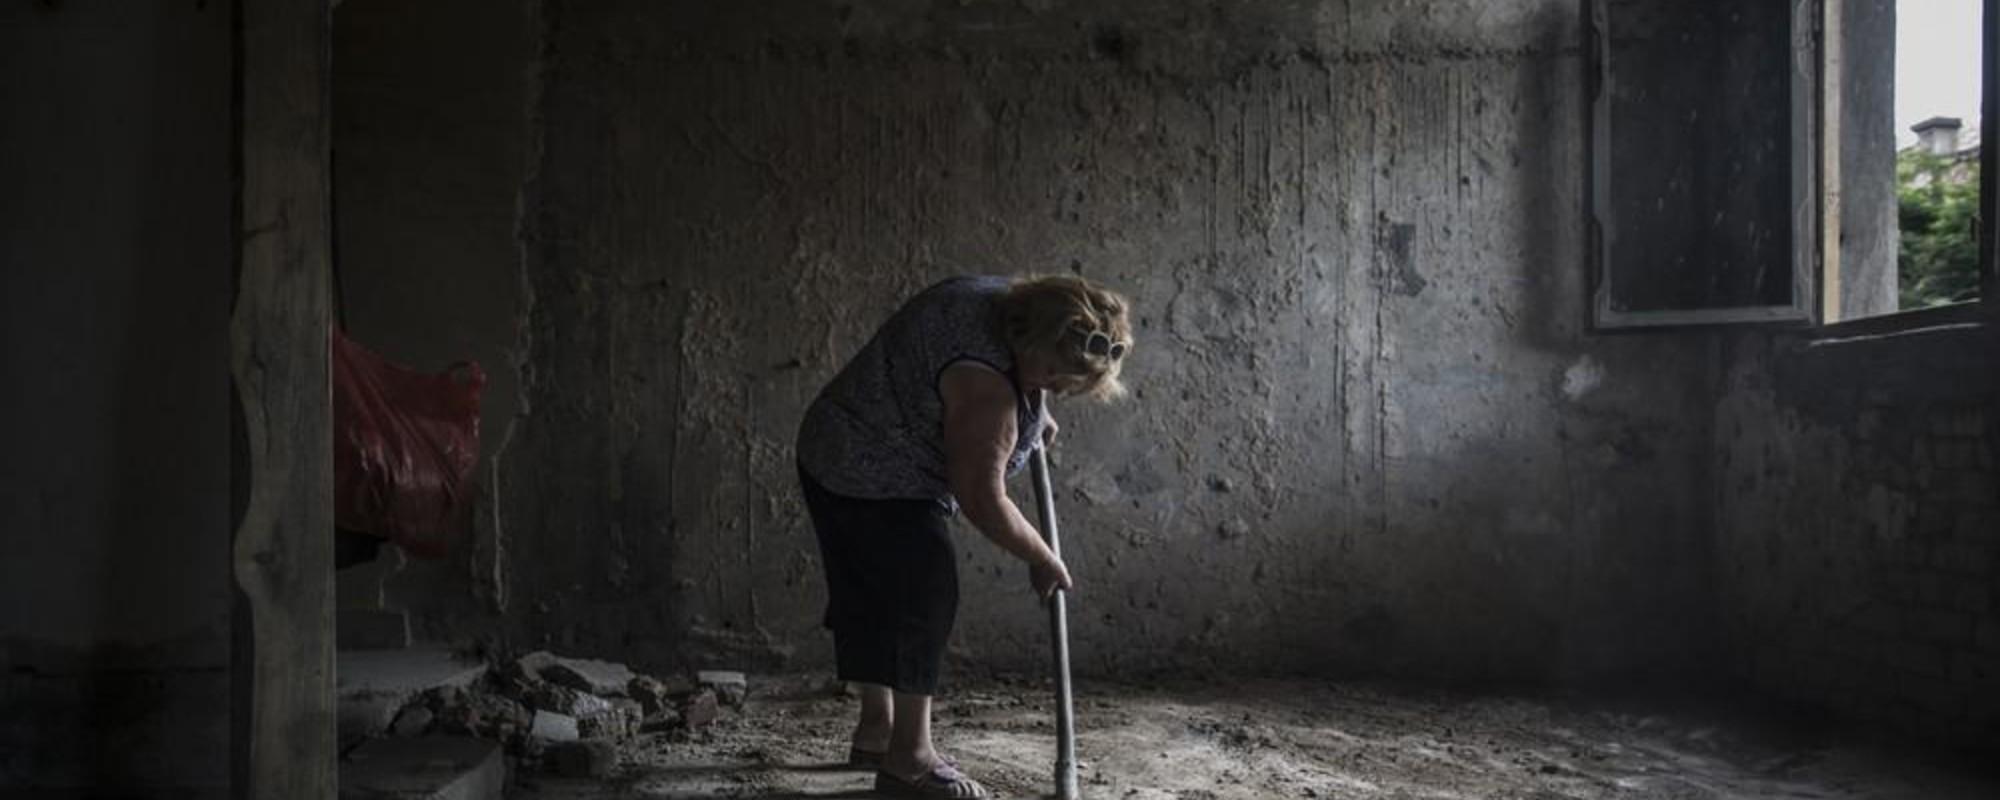 Fotografii cu familiile care locuiesc într-un spital abandonat din Georgia